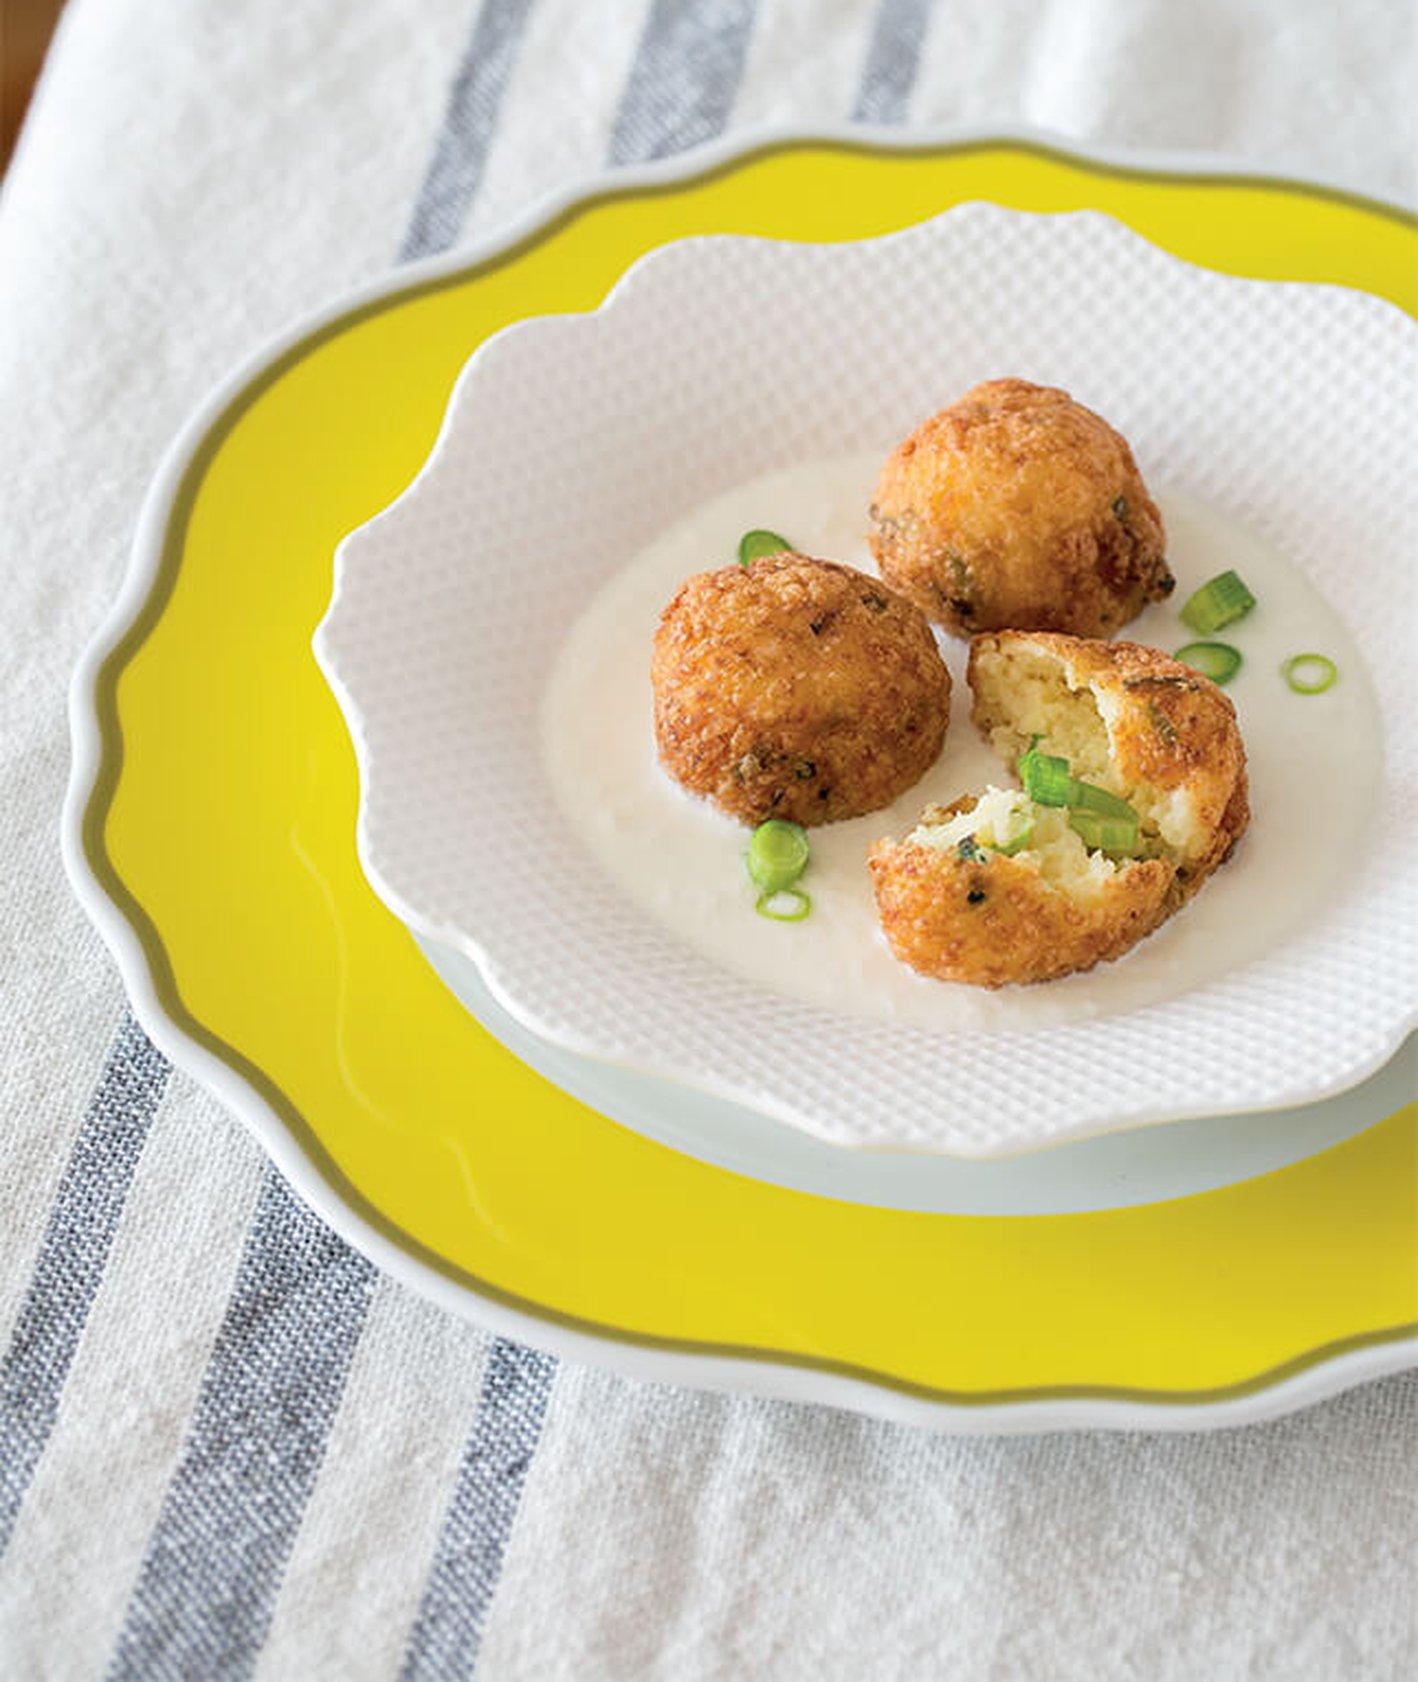 Krokiety z młodych ziemniaków ze zsiadłym mlekiem i szczypiorkiem